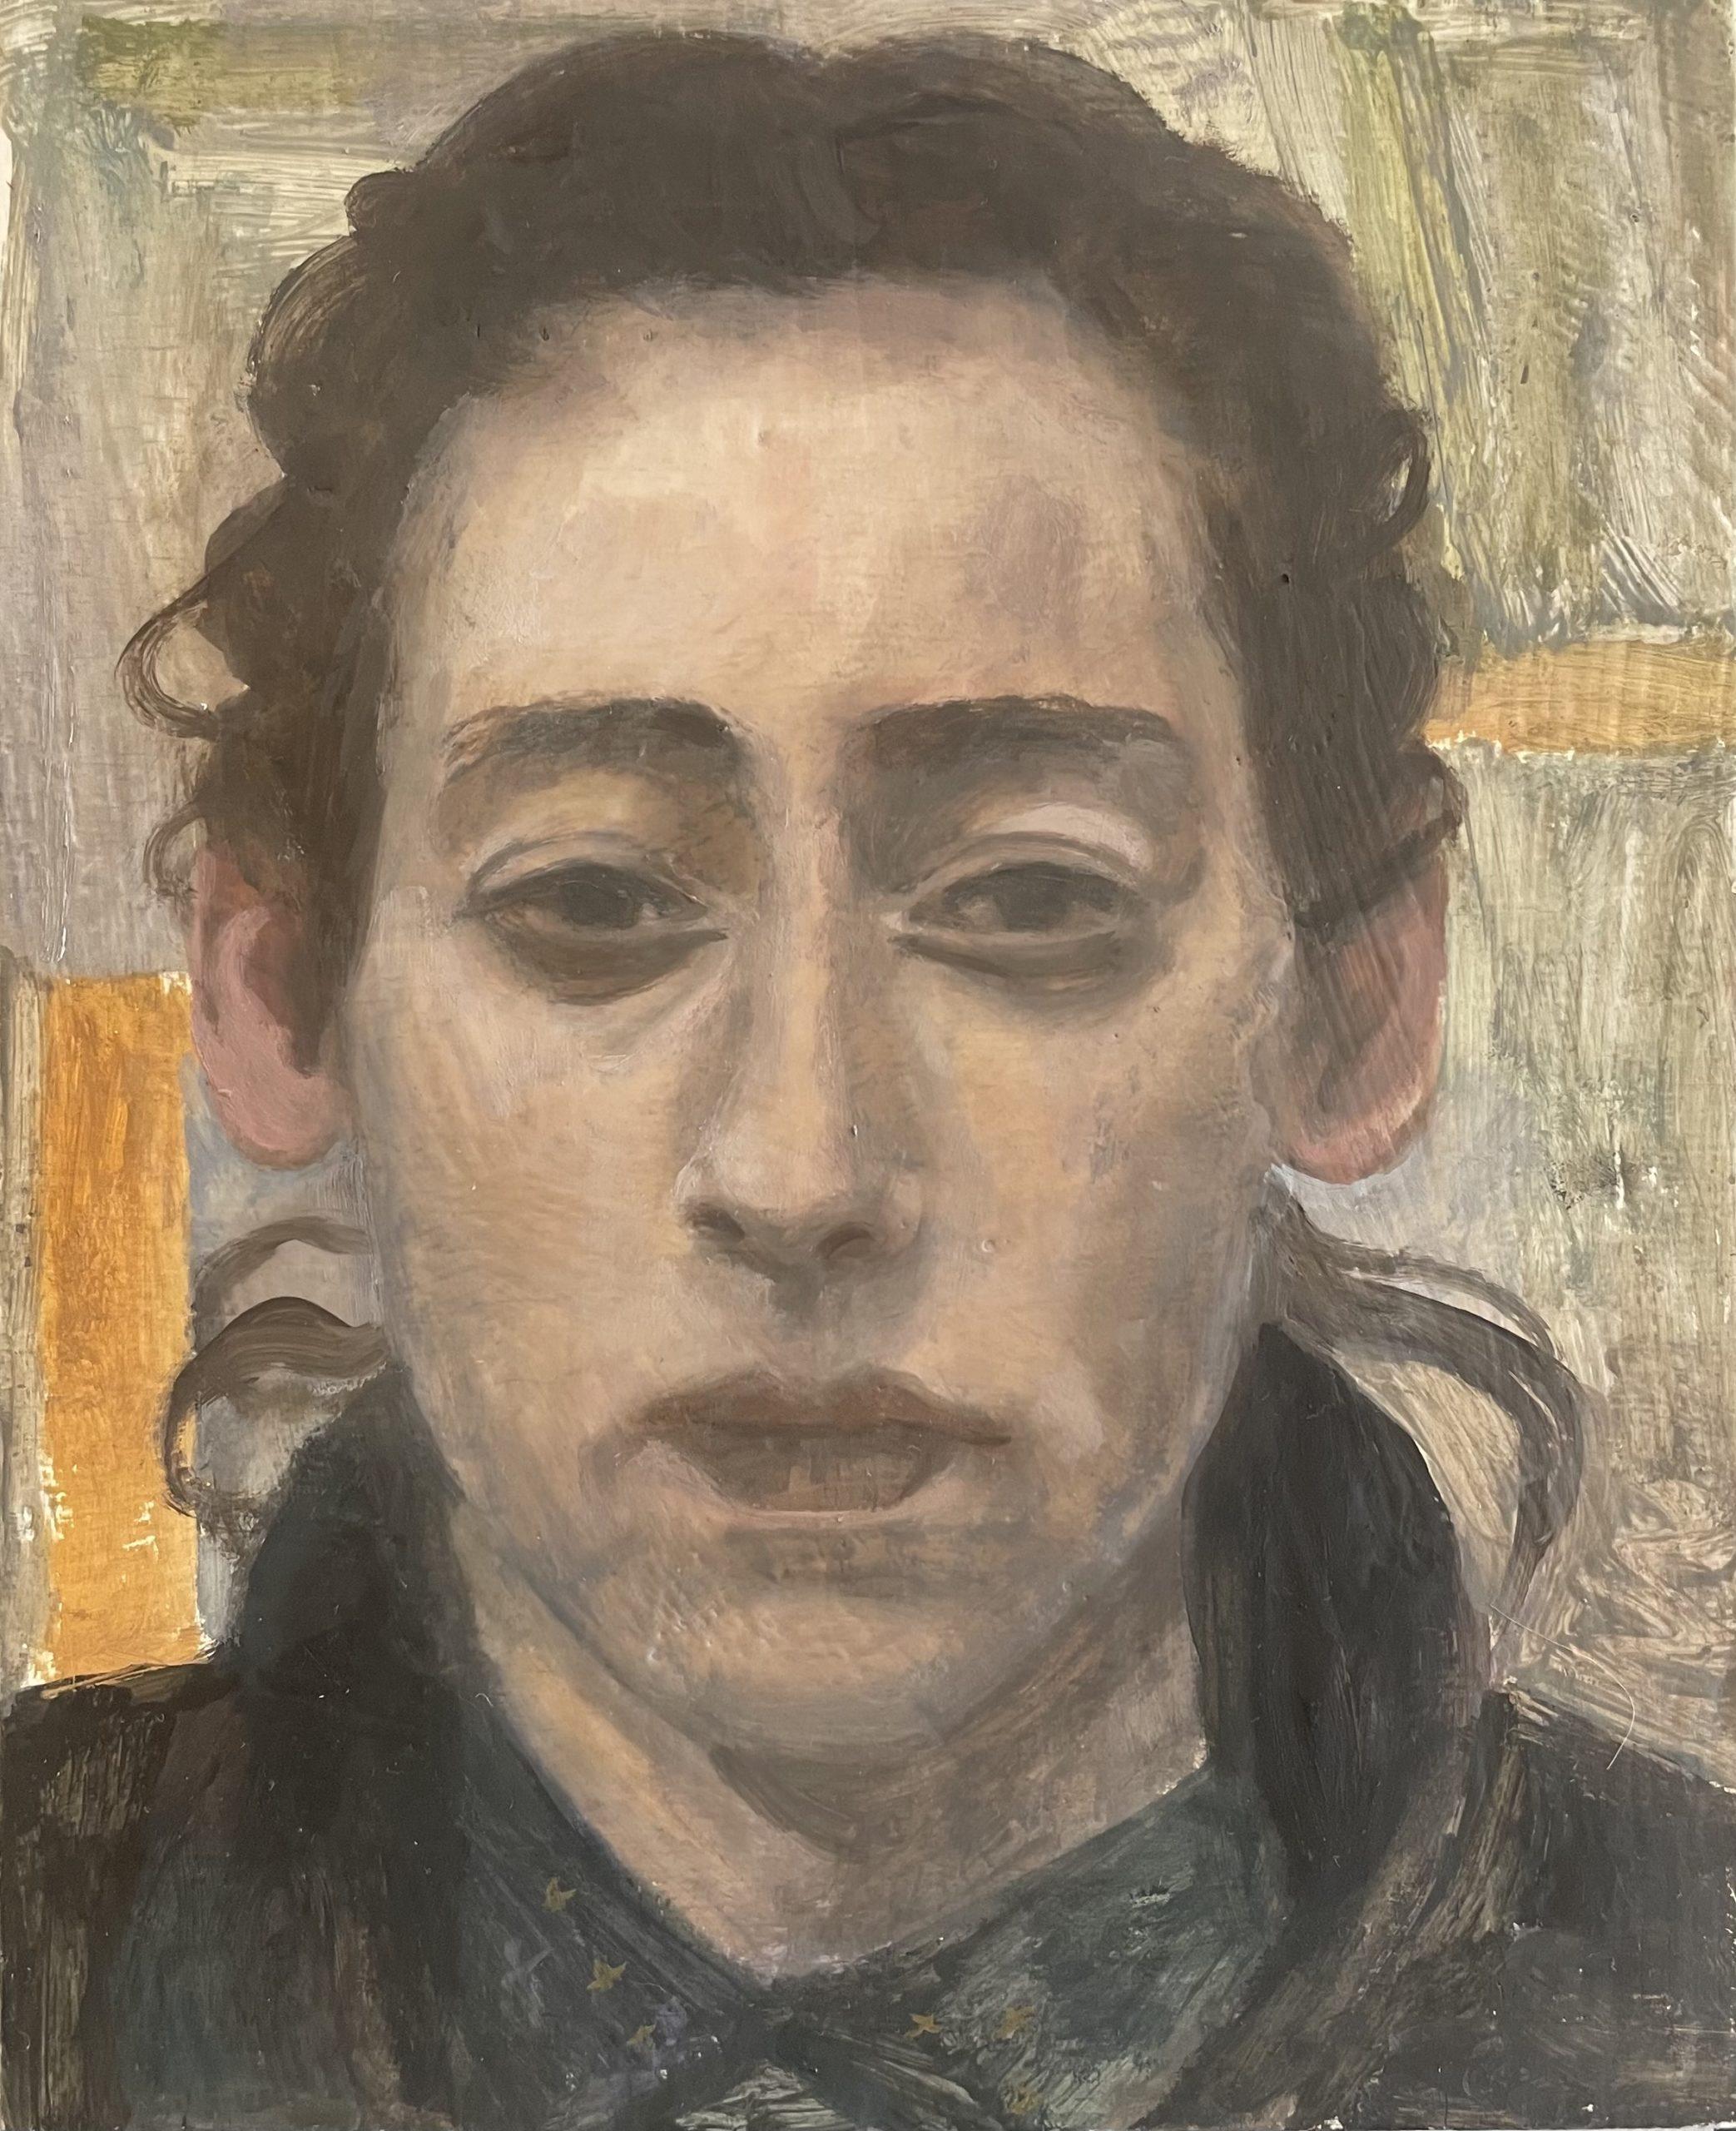 Portrait, 2021, huile sur bois, 27 x 22 cm